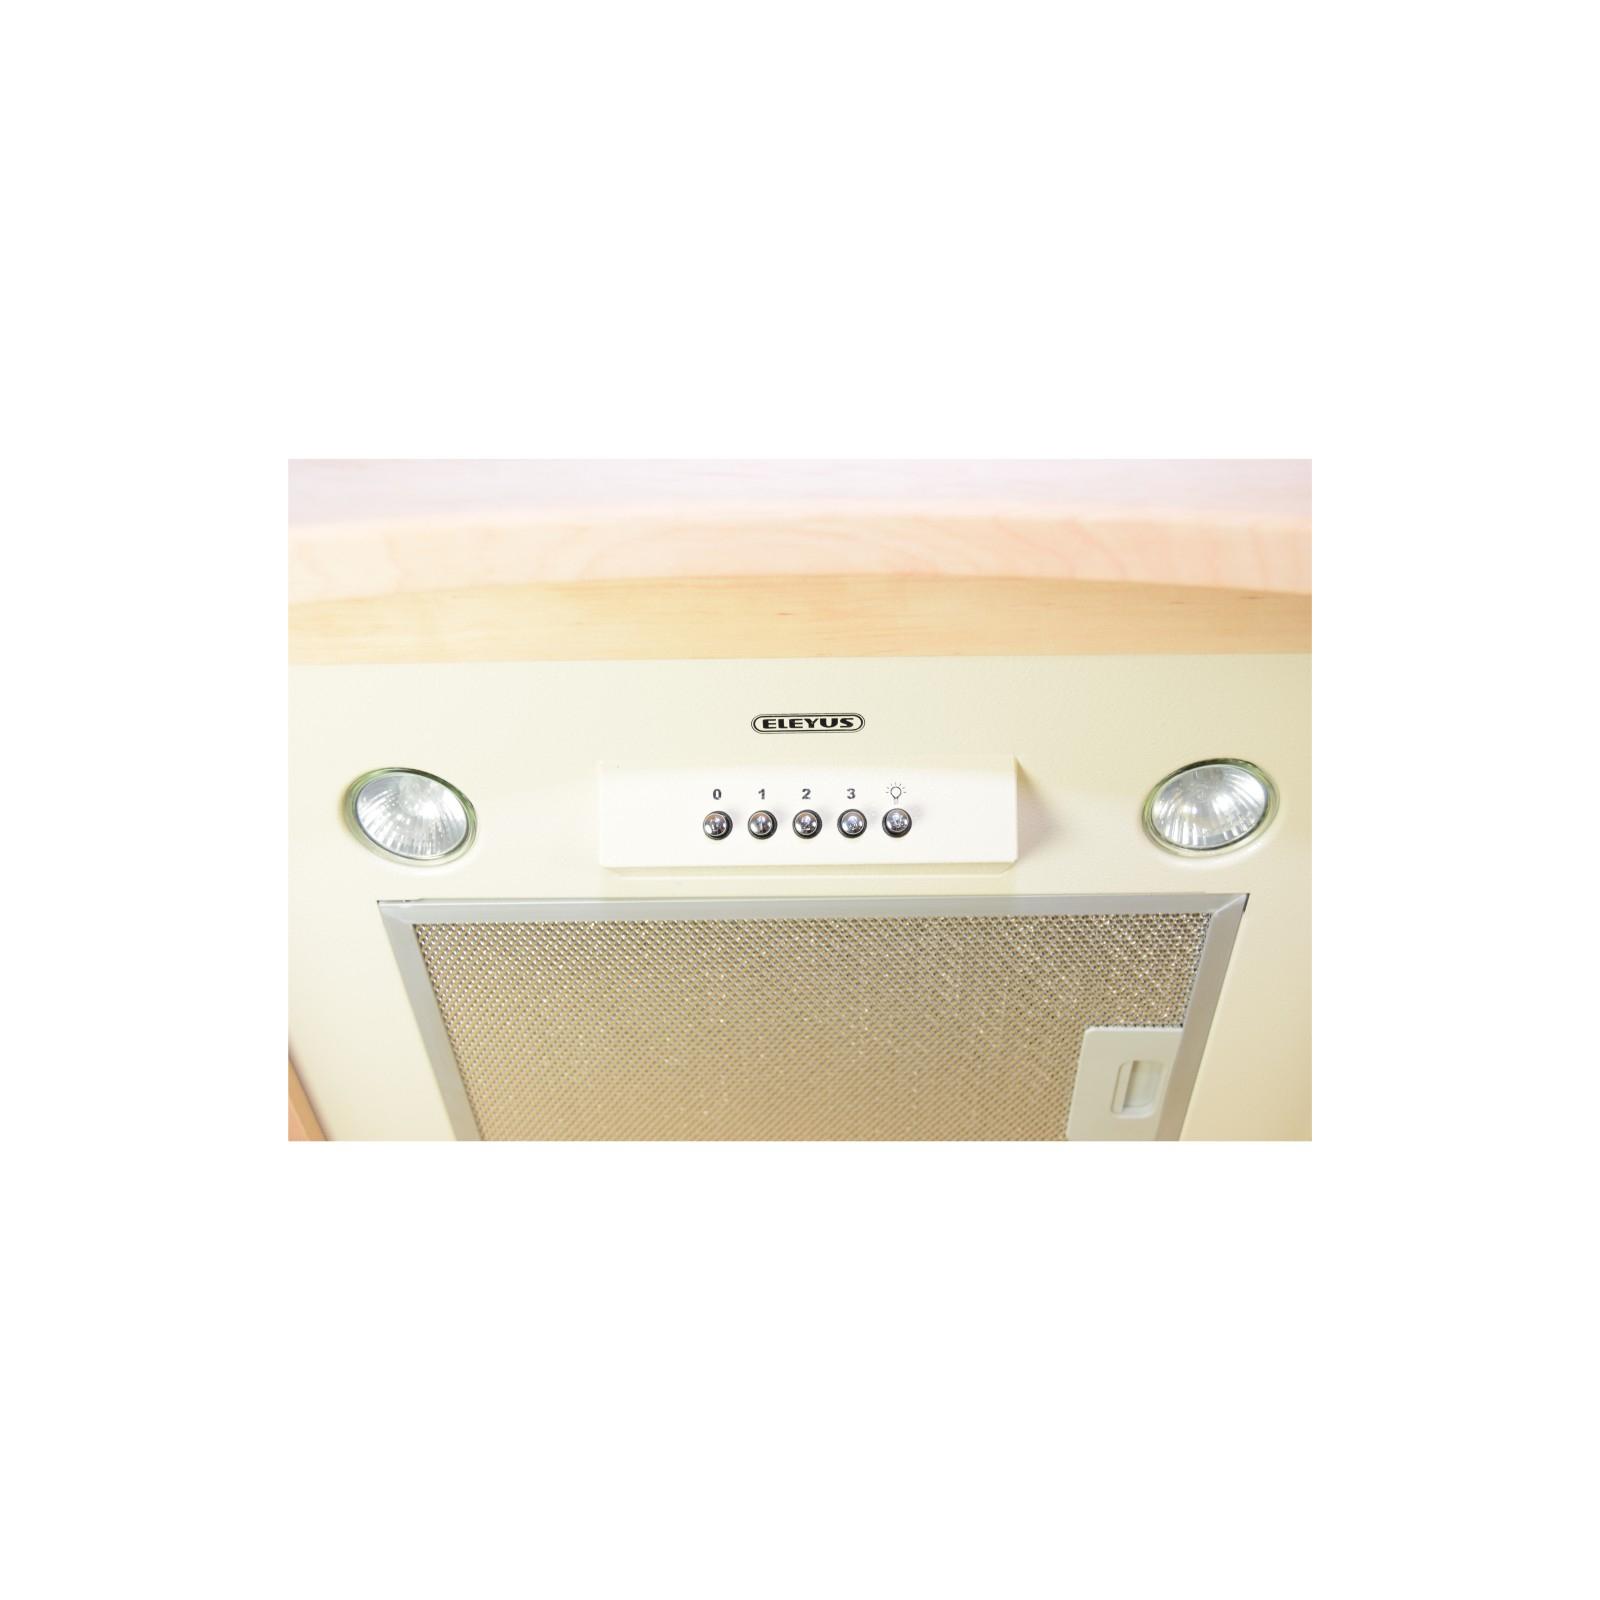 Вытяжка кухонная Eleyus Solo Country 1200 LED SMD 60 N изображение 7